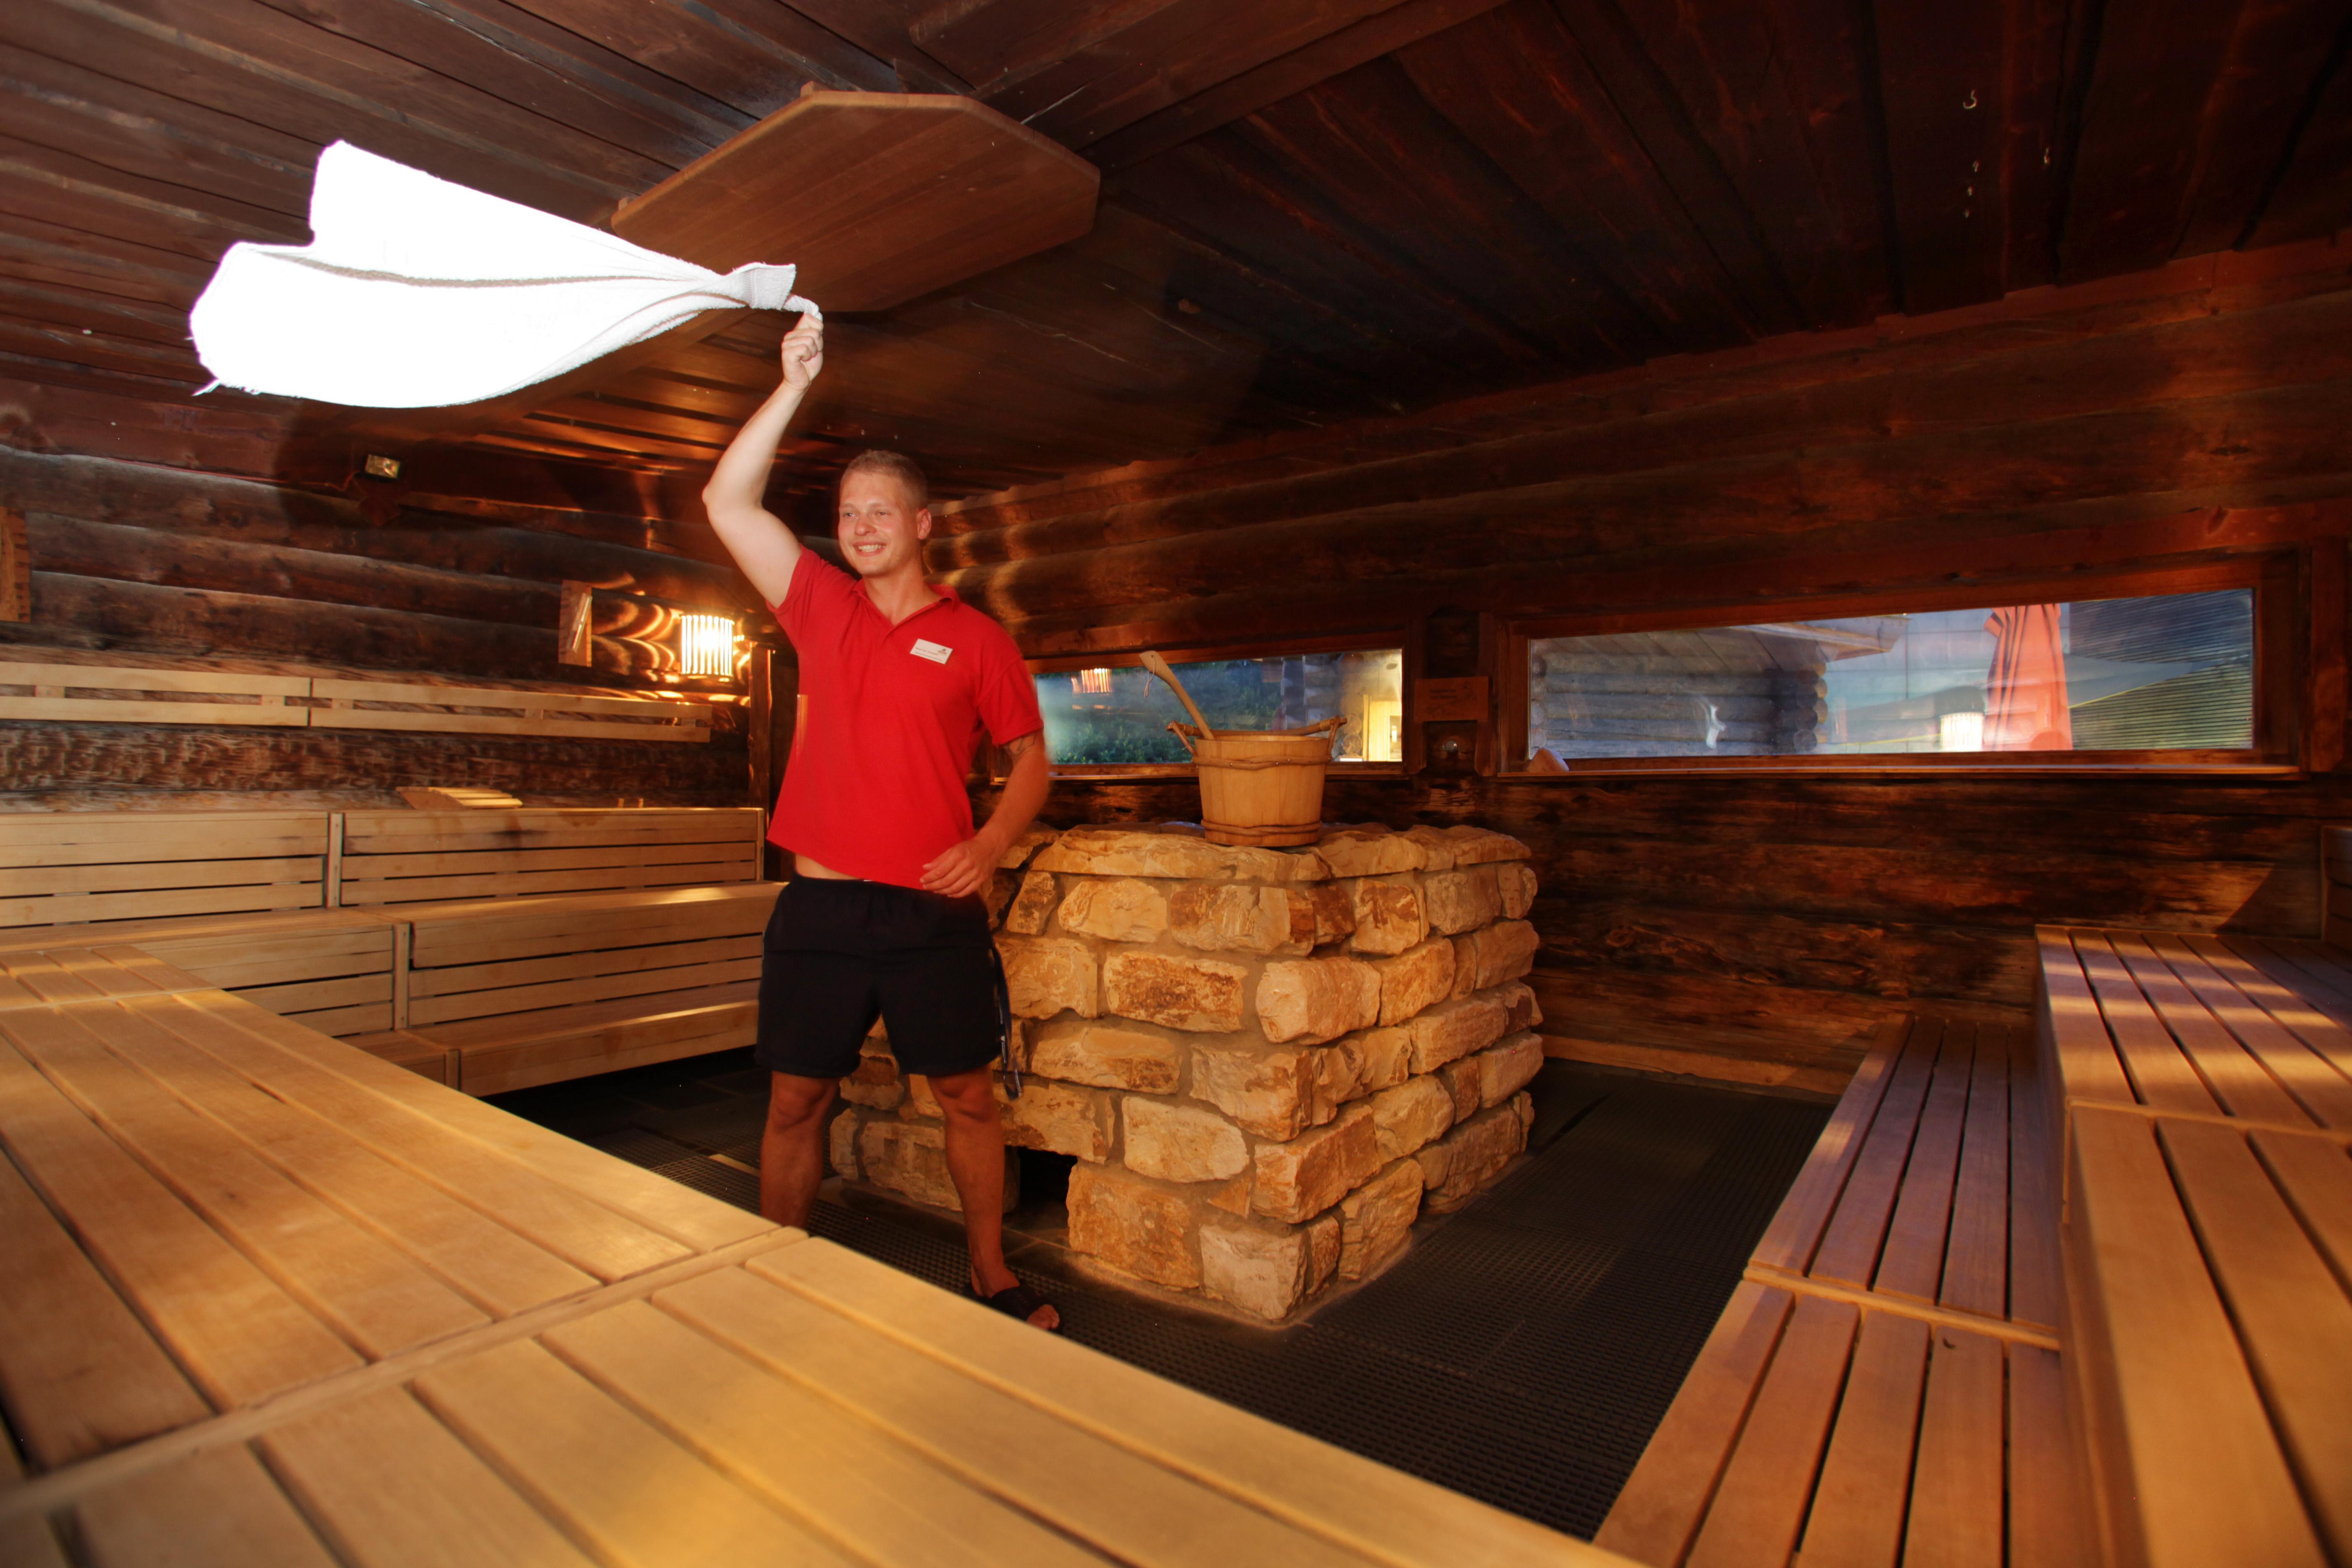 Heißer Schlampiger Fick In Der Sauna